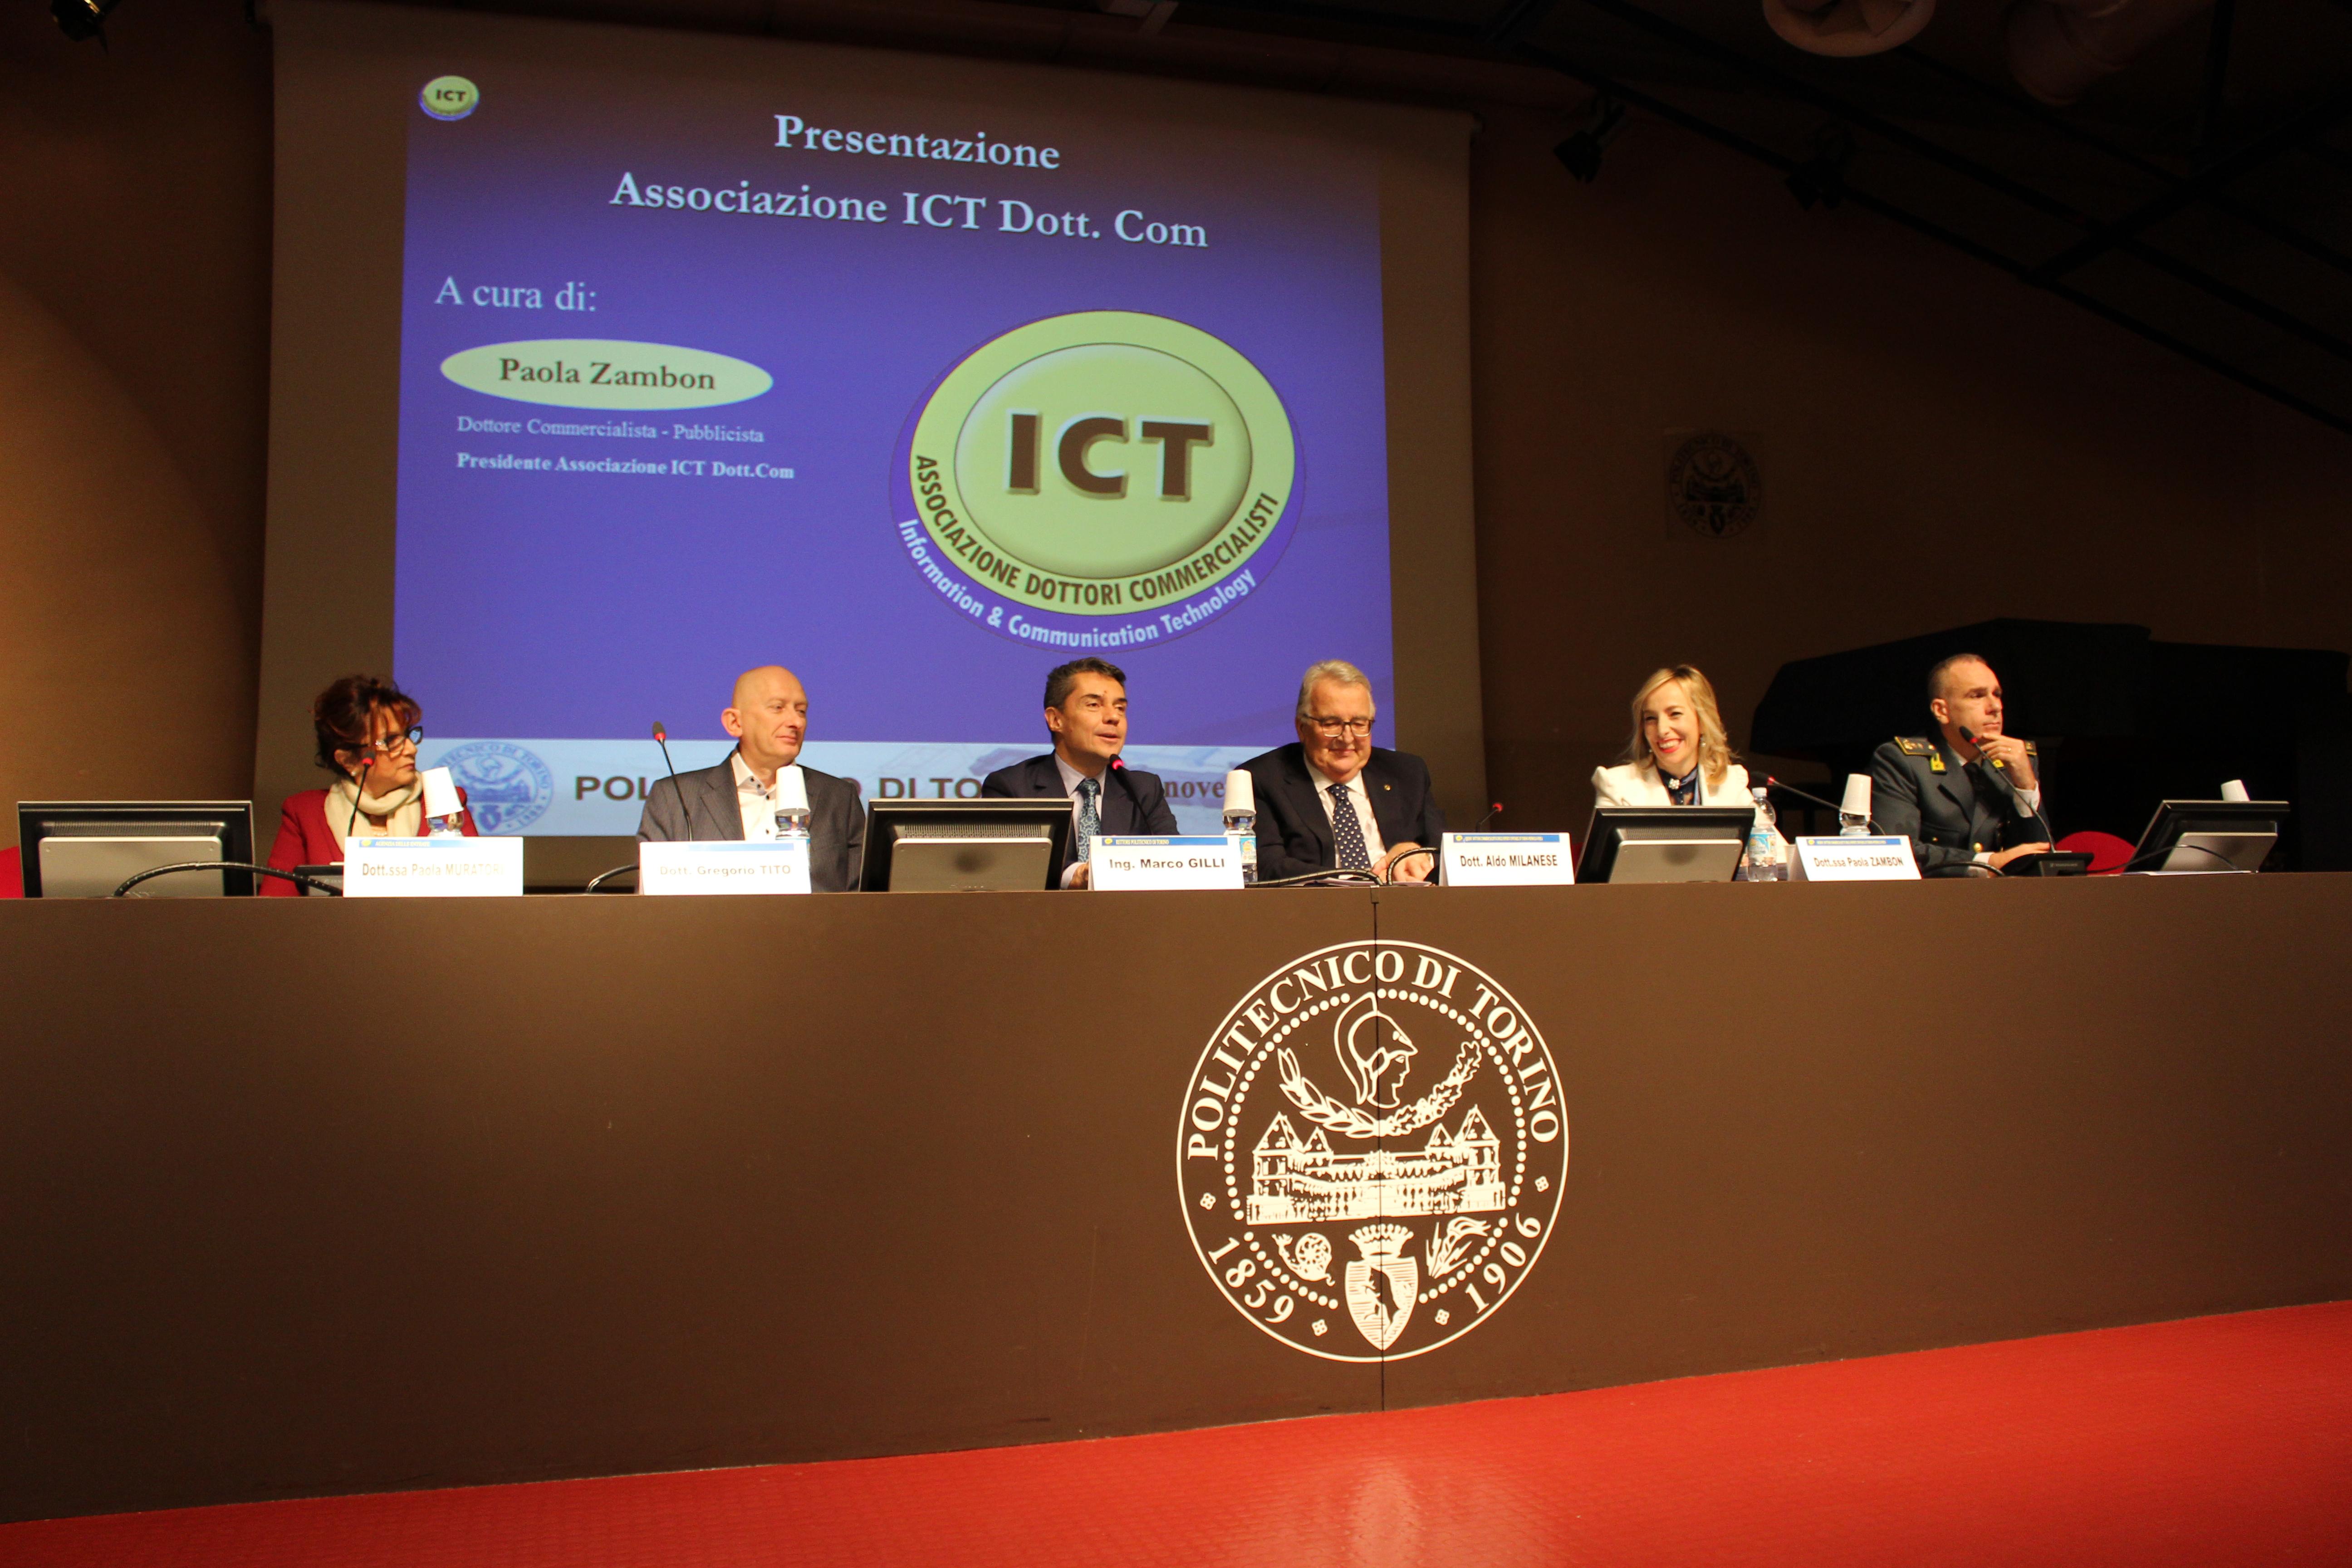 Convegno 20 novembre 2015 – Associazione ICT Dott.Com – Politecnico di Torino